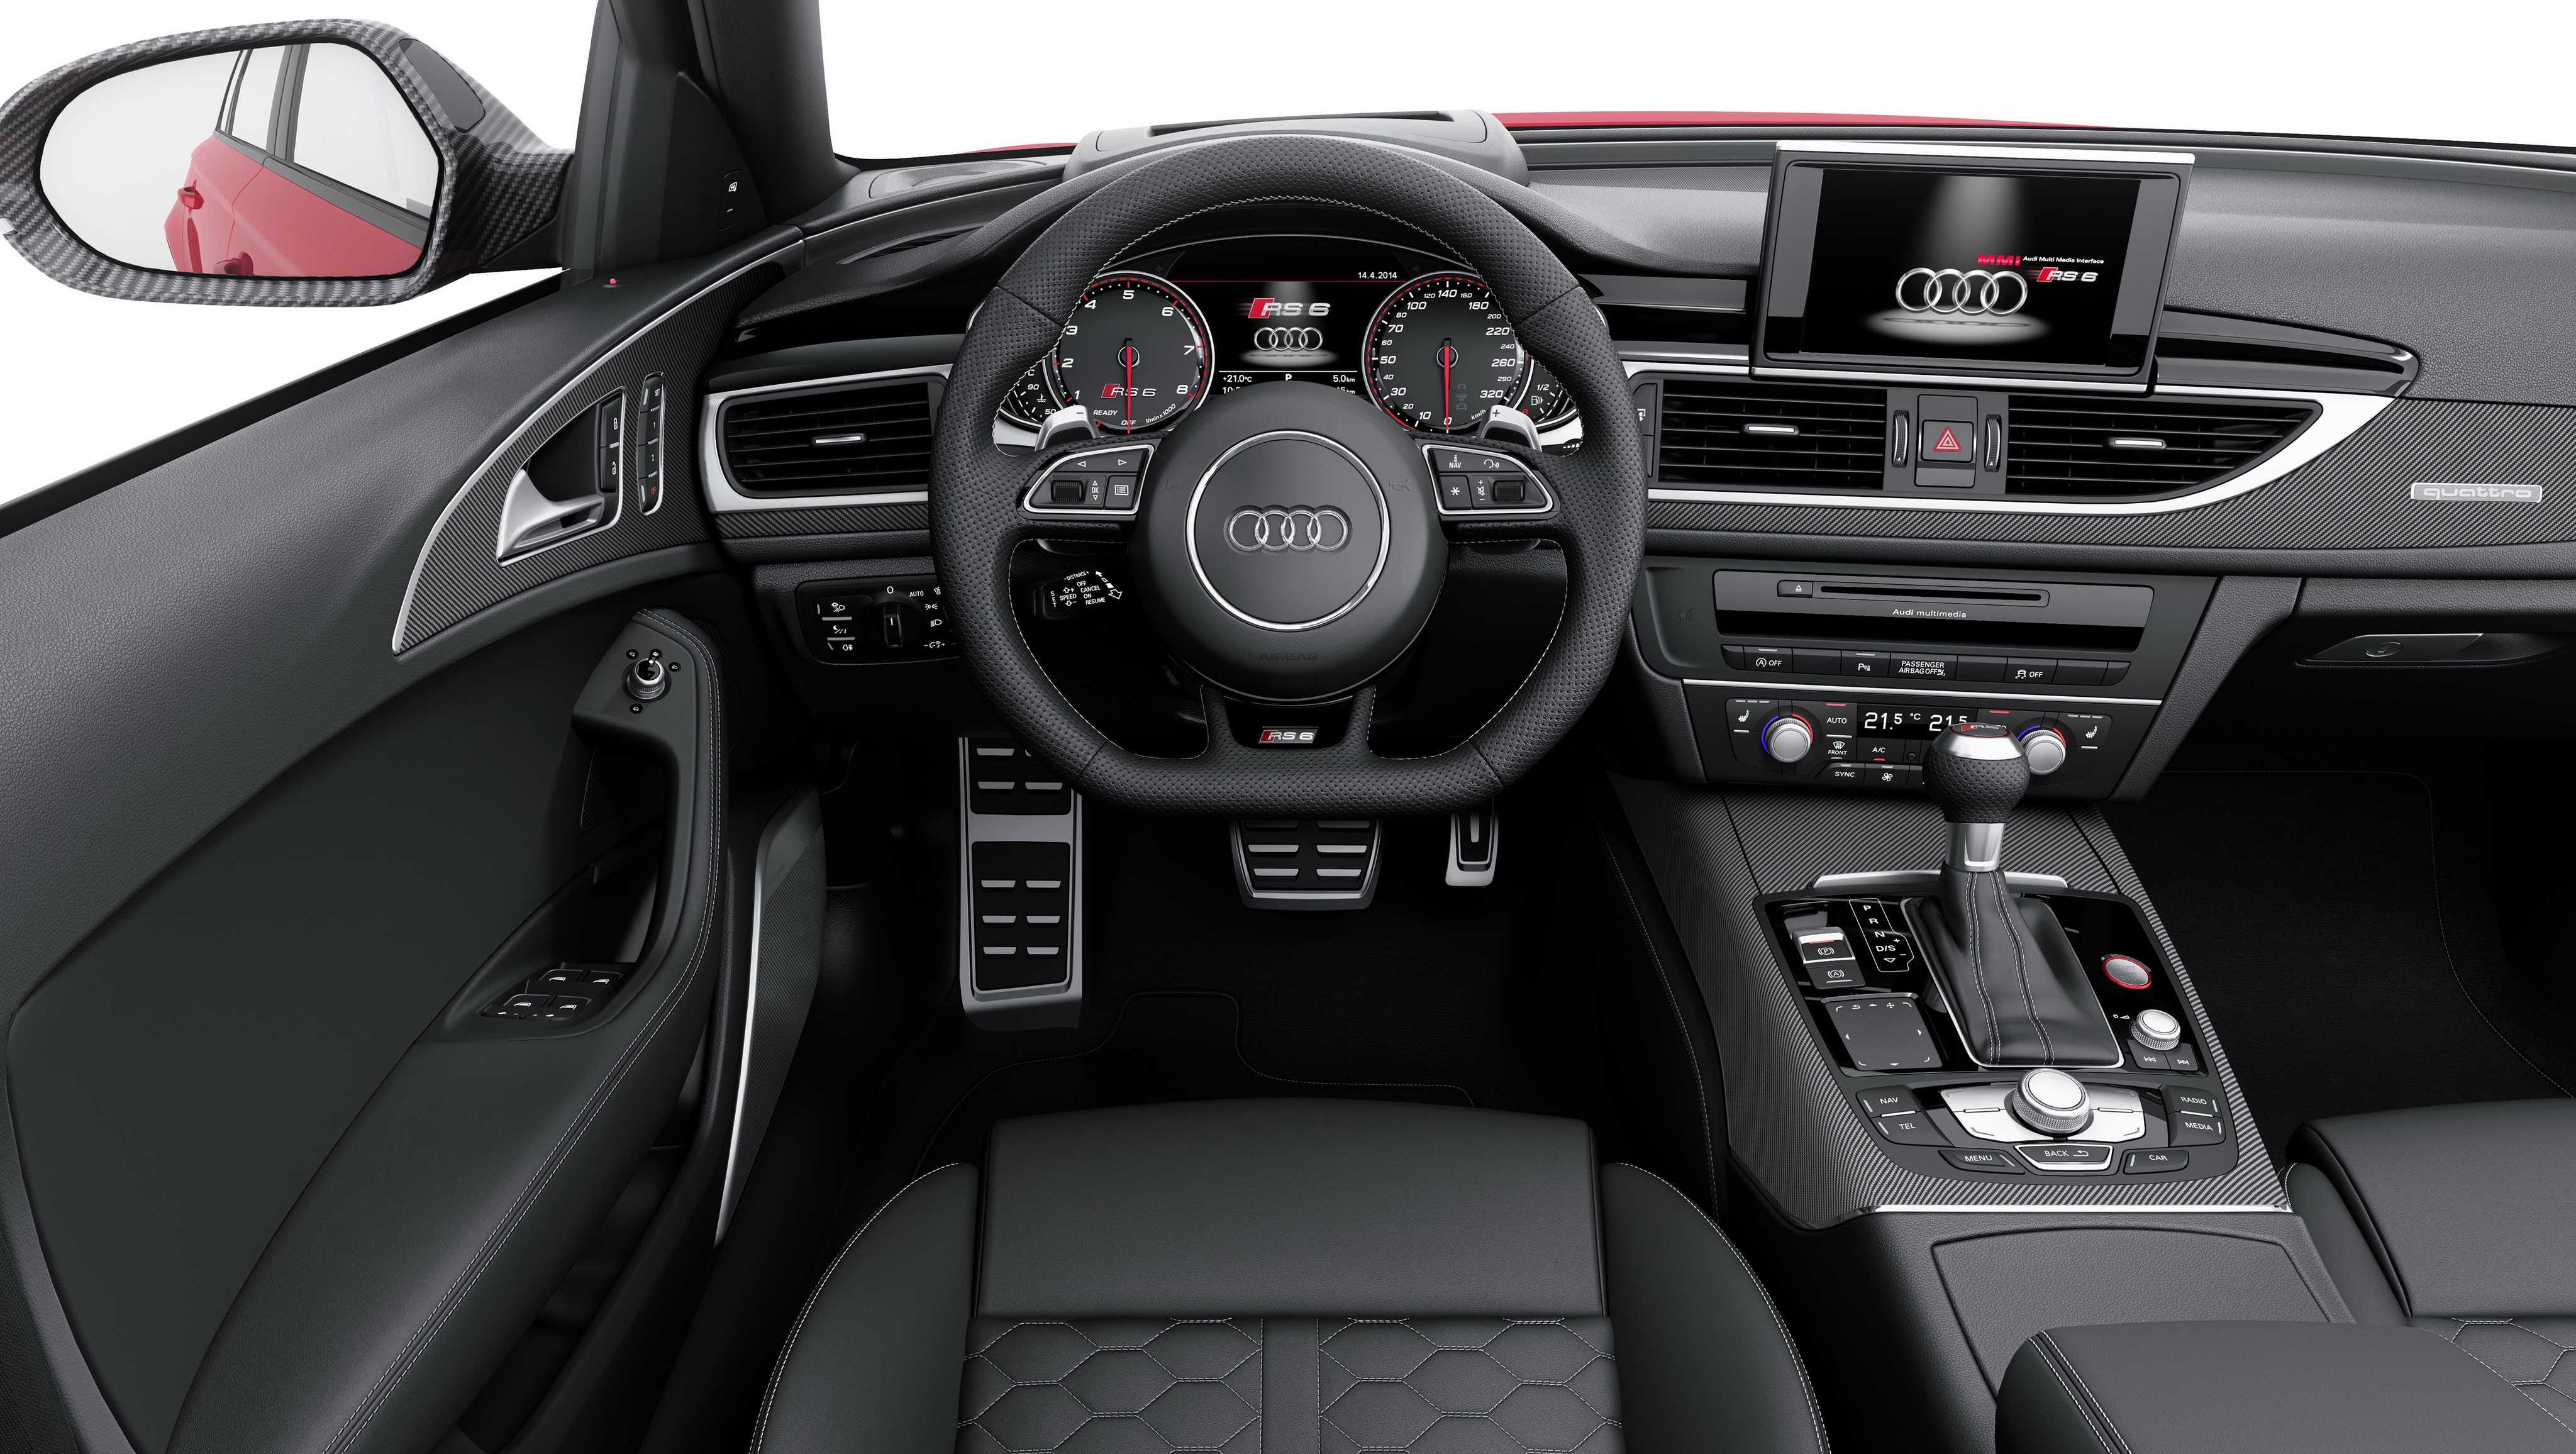 Kekurangan Audi A6 Avant 2016 Tangguh